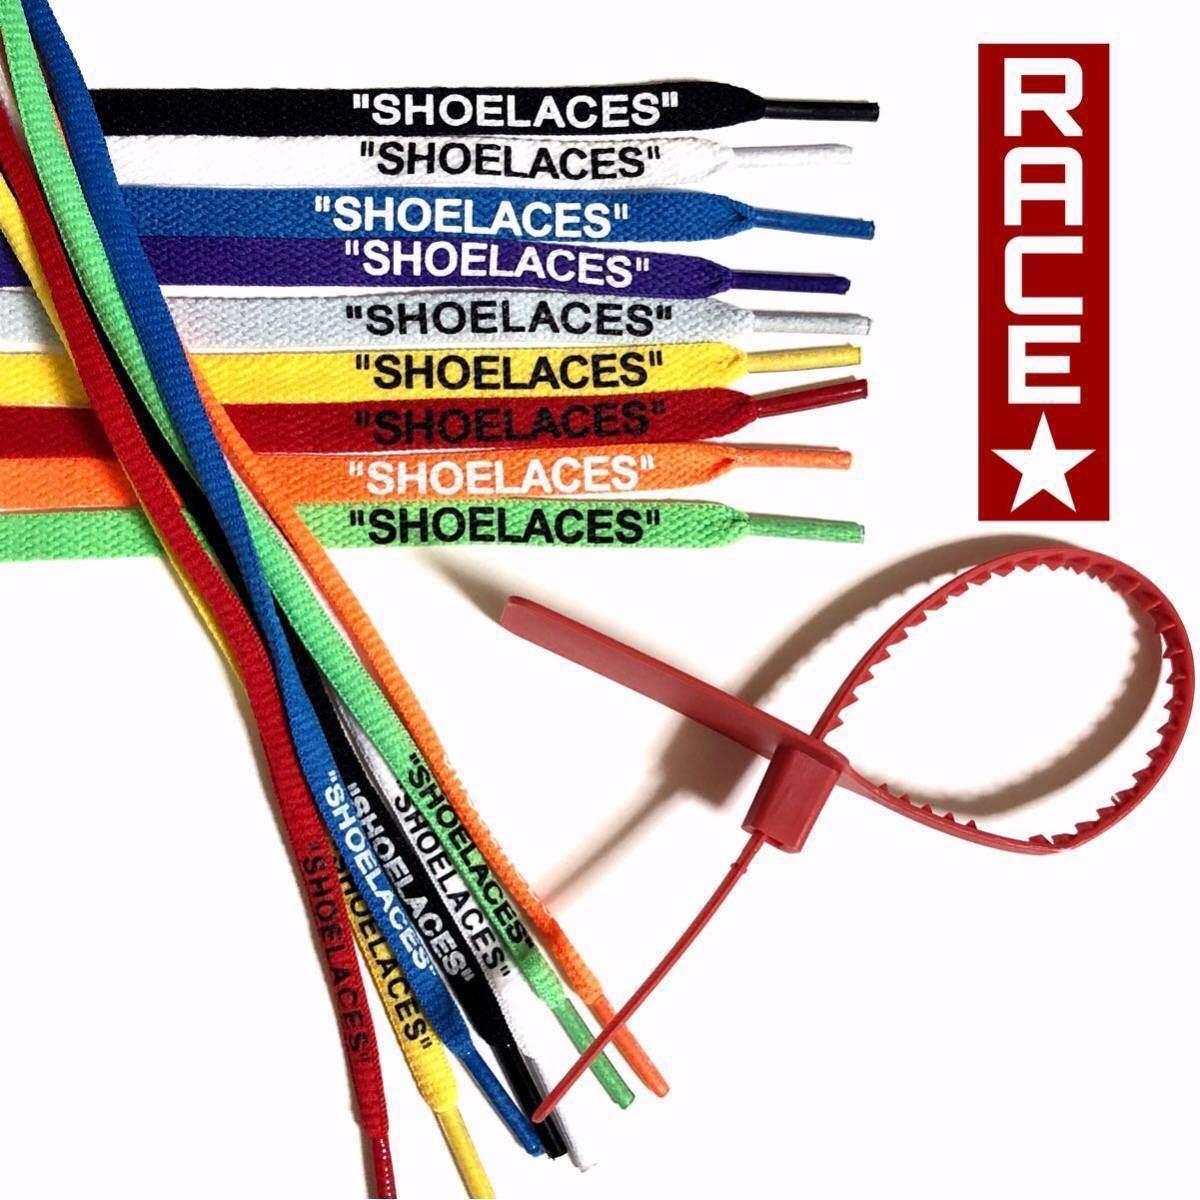 送料無料【新品未使用】off,white nike the ten shoelaces virgil abloh